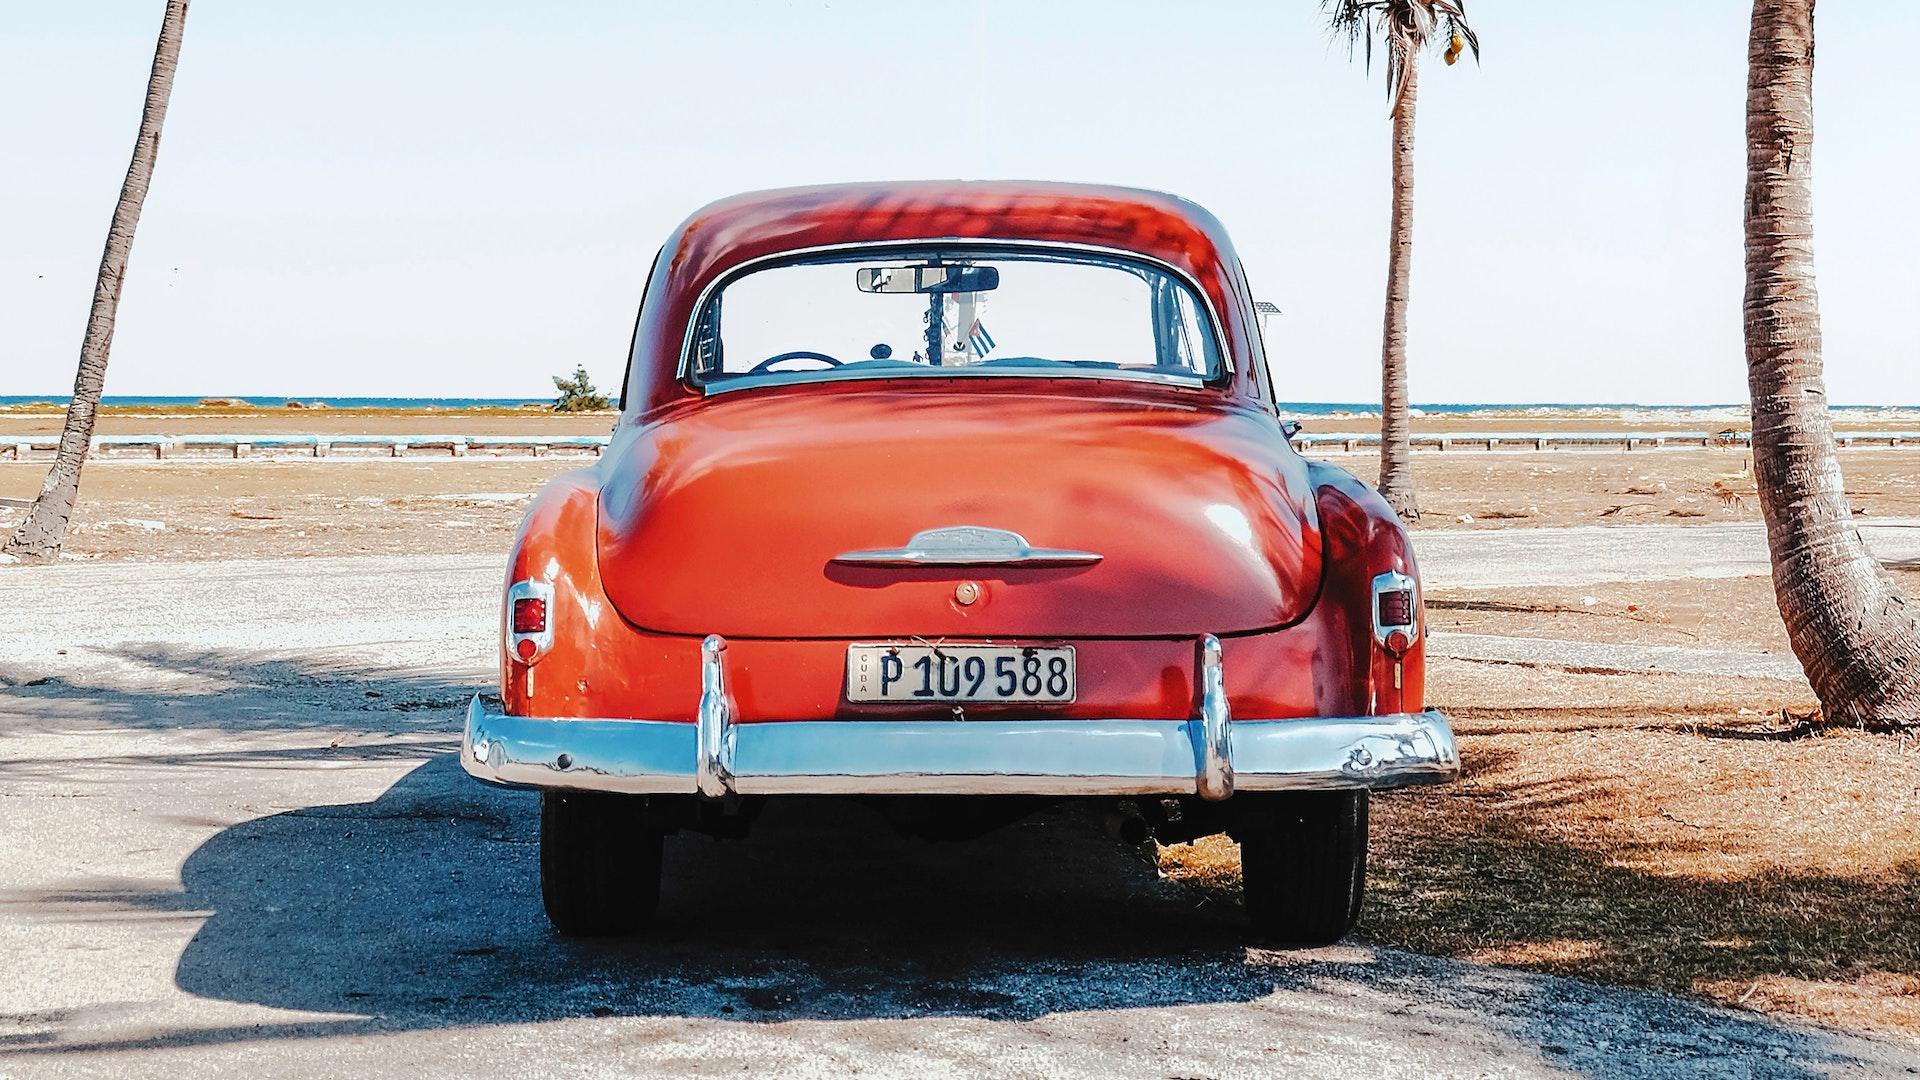 Para viajar a Cuba ahora será obligatorio hacer cuarentena